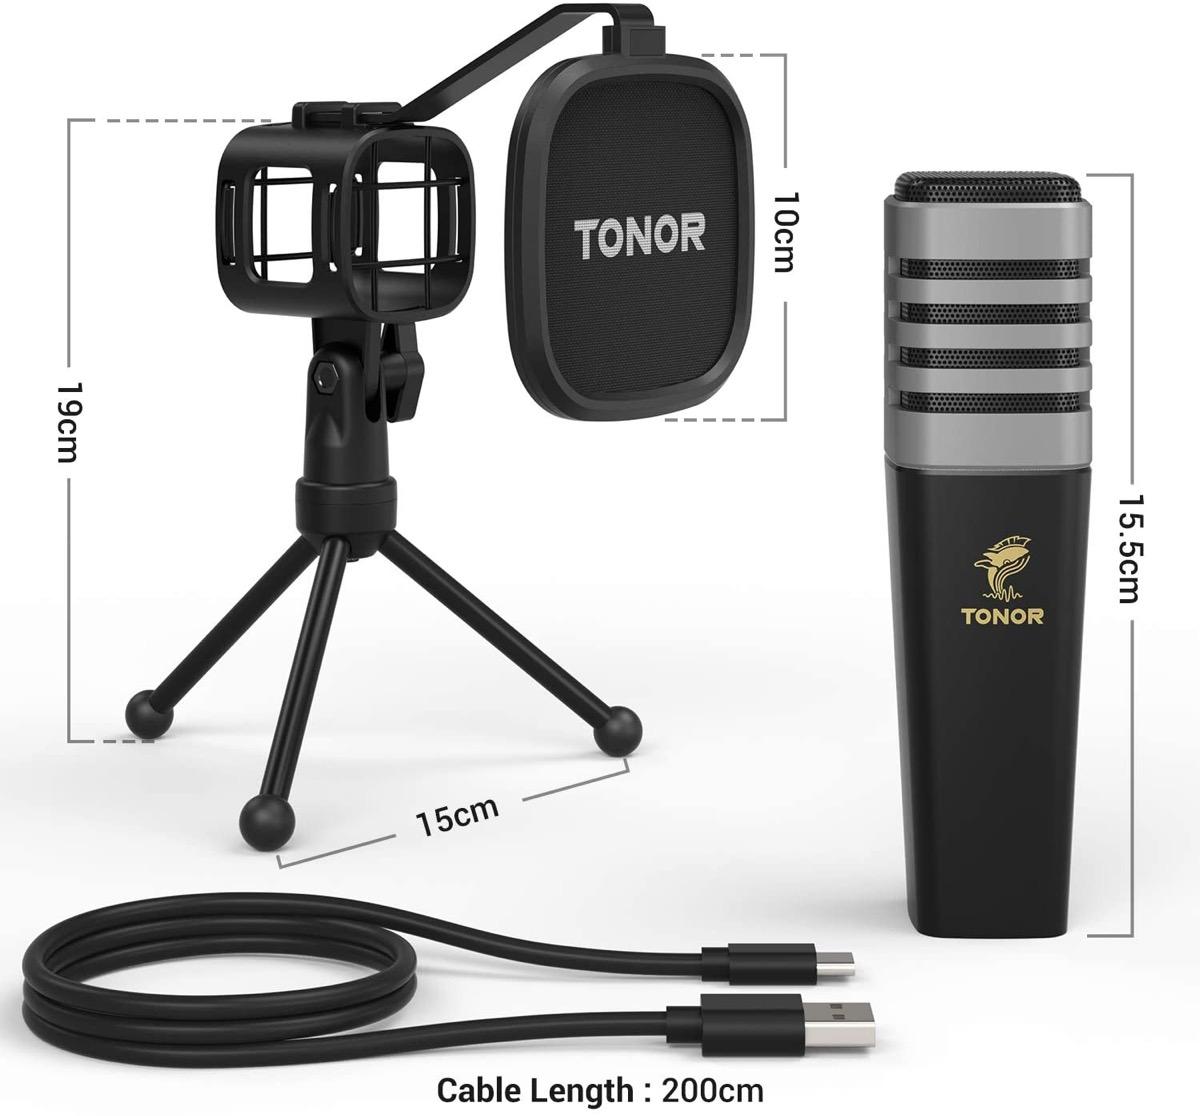 tonor tc30